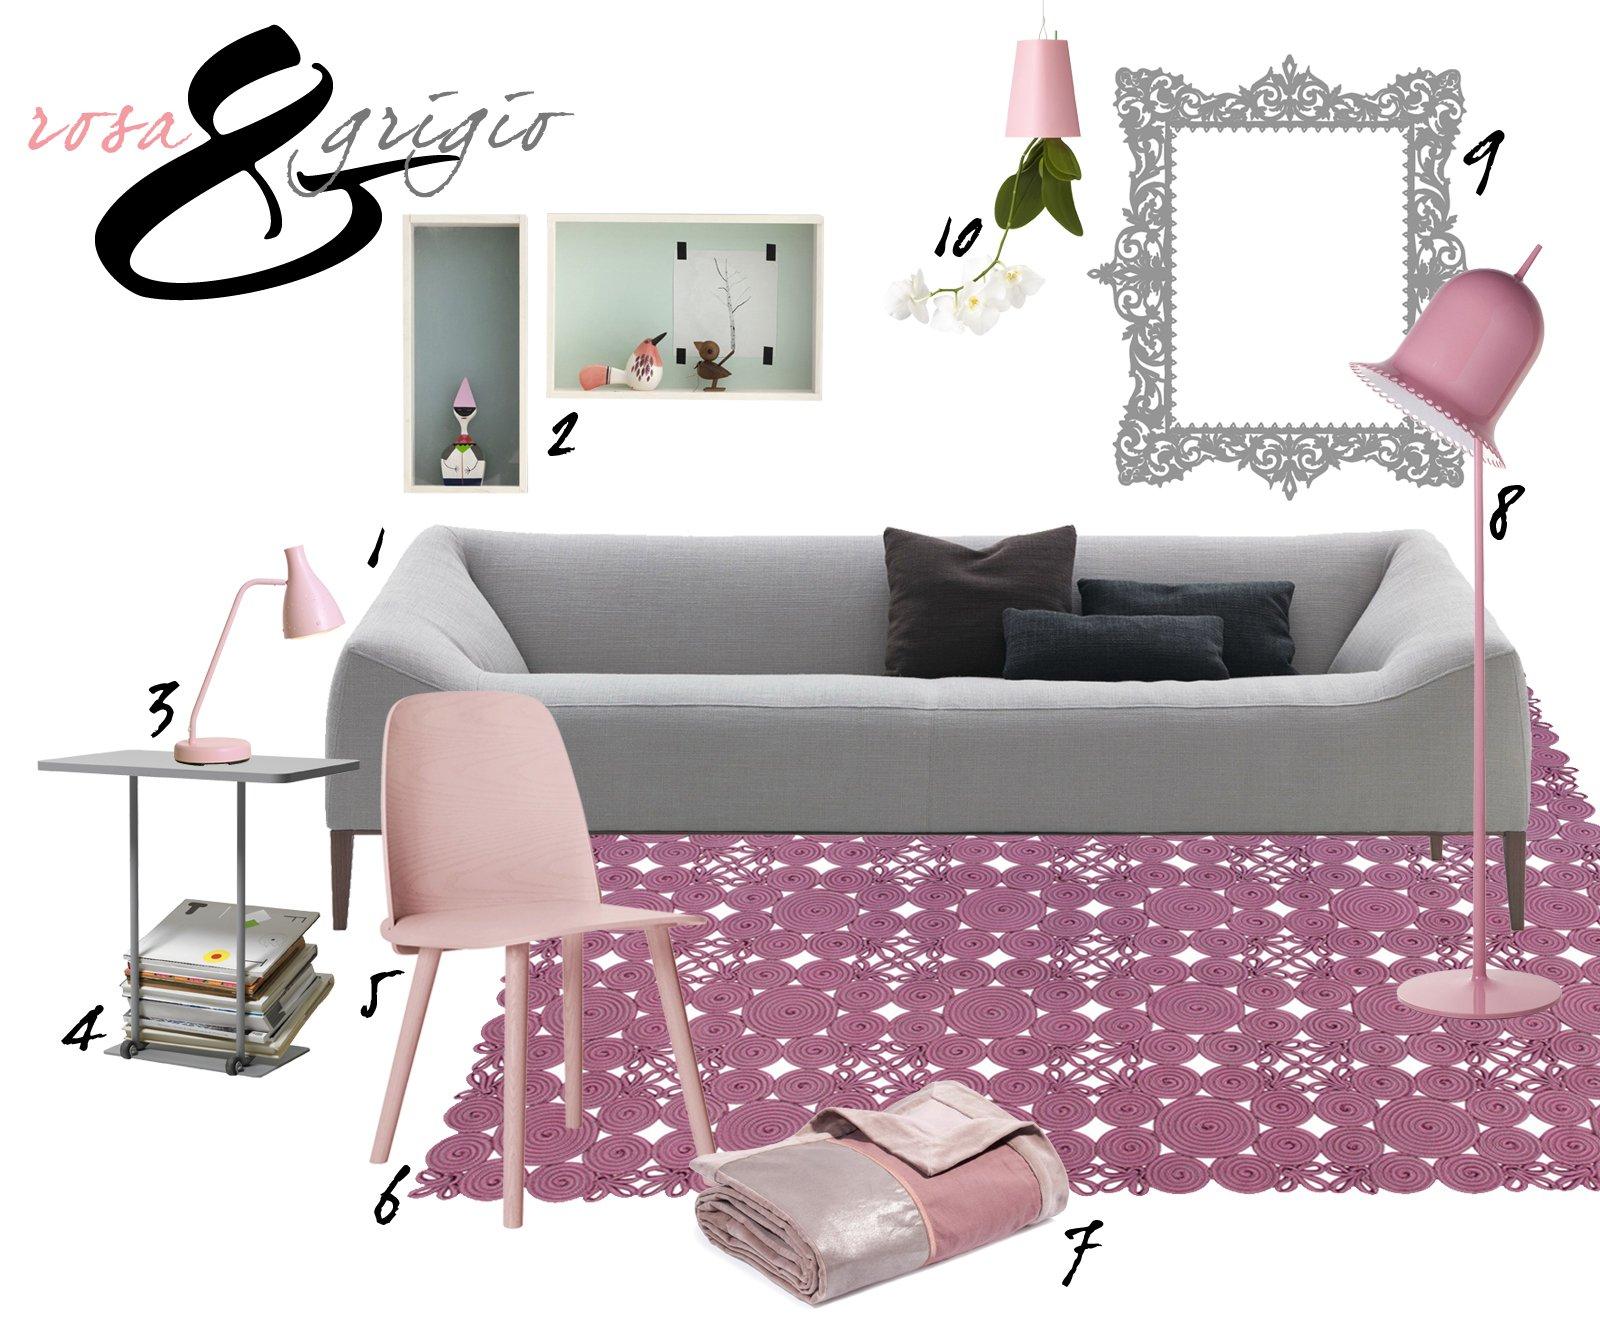 Soggiorno idee da copiare in grigio e rosa cose di casa - Montaggio divano ikea ...